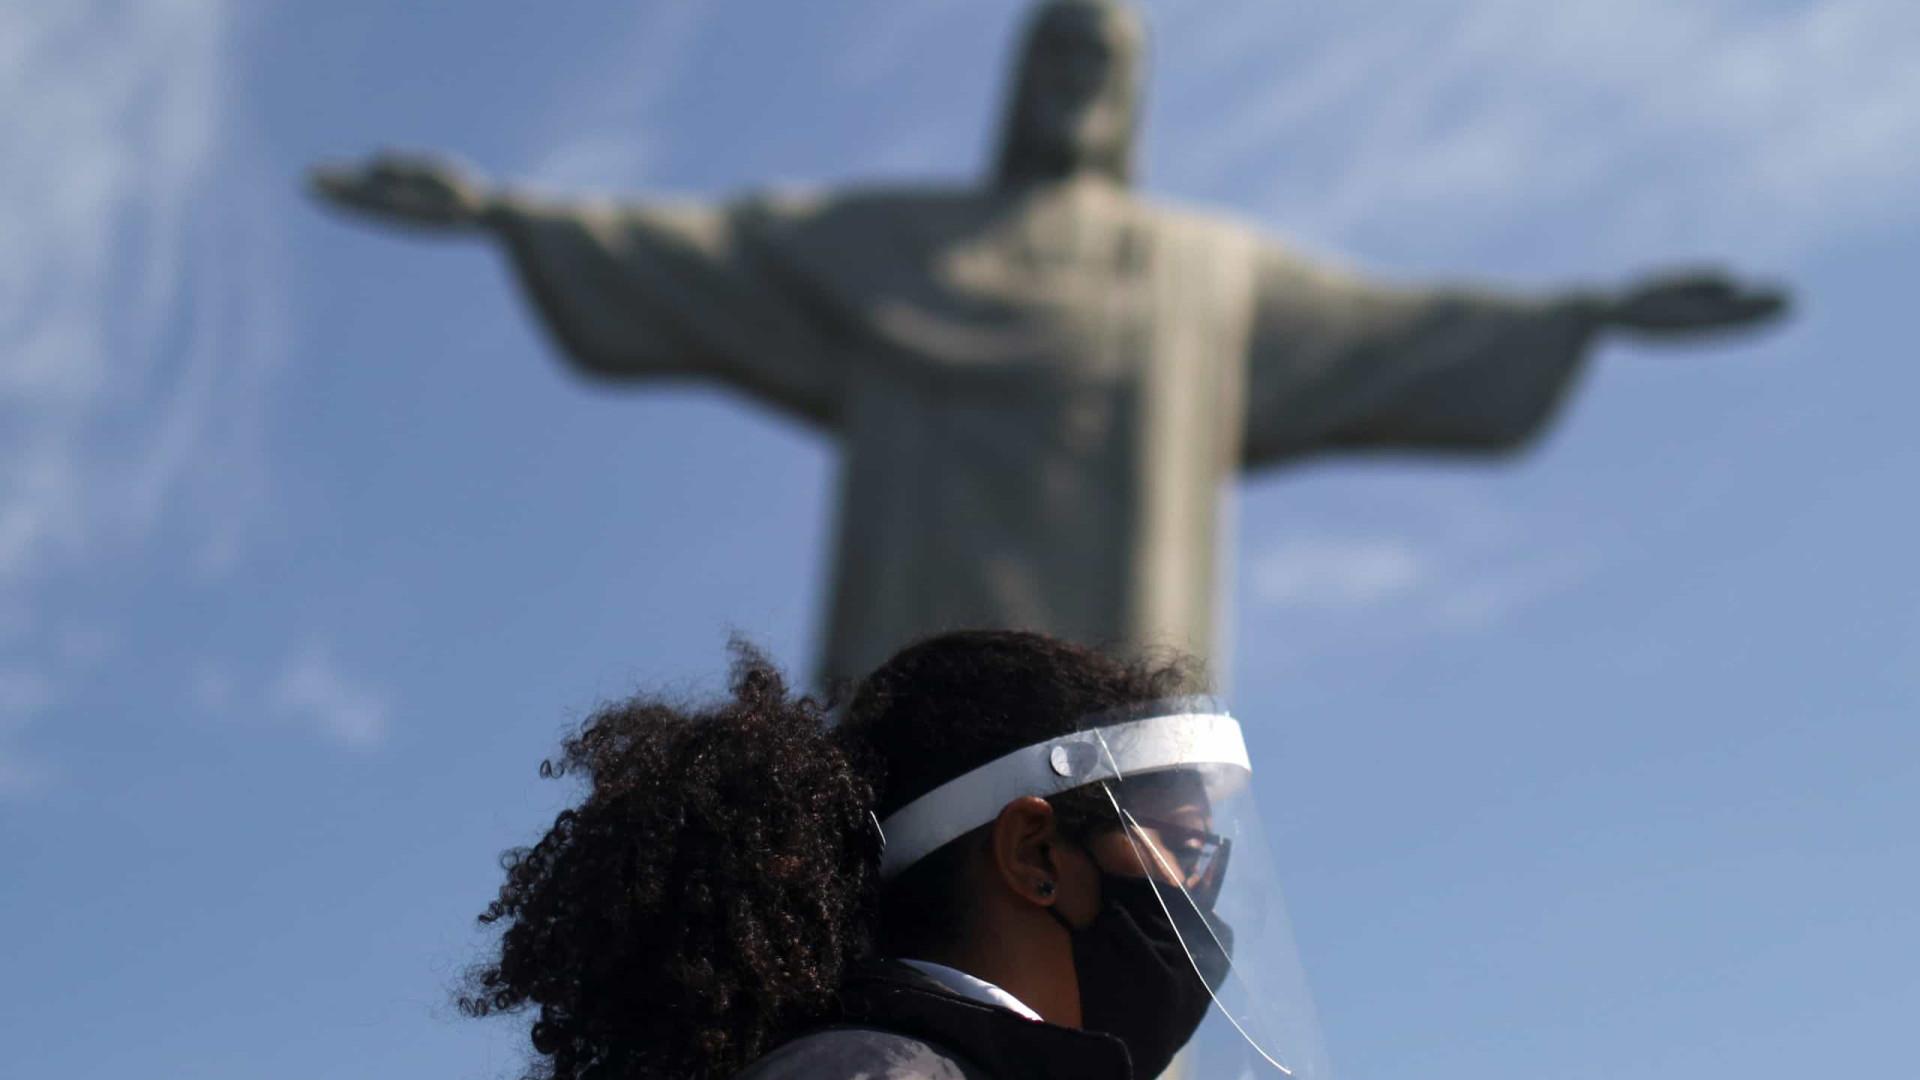 Covid-19: Estado do Rio prorroga medidas restritivas até dia 20